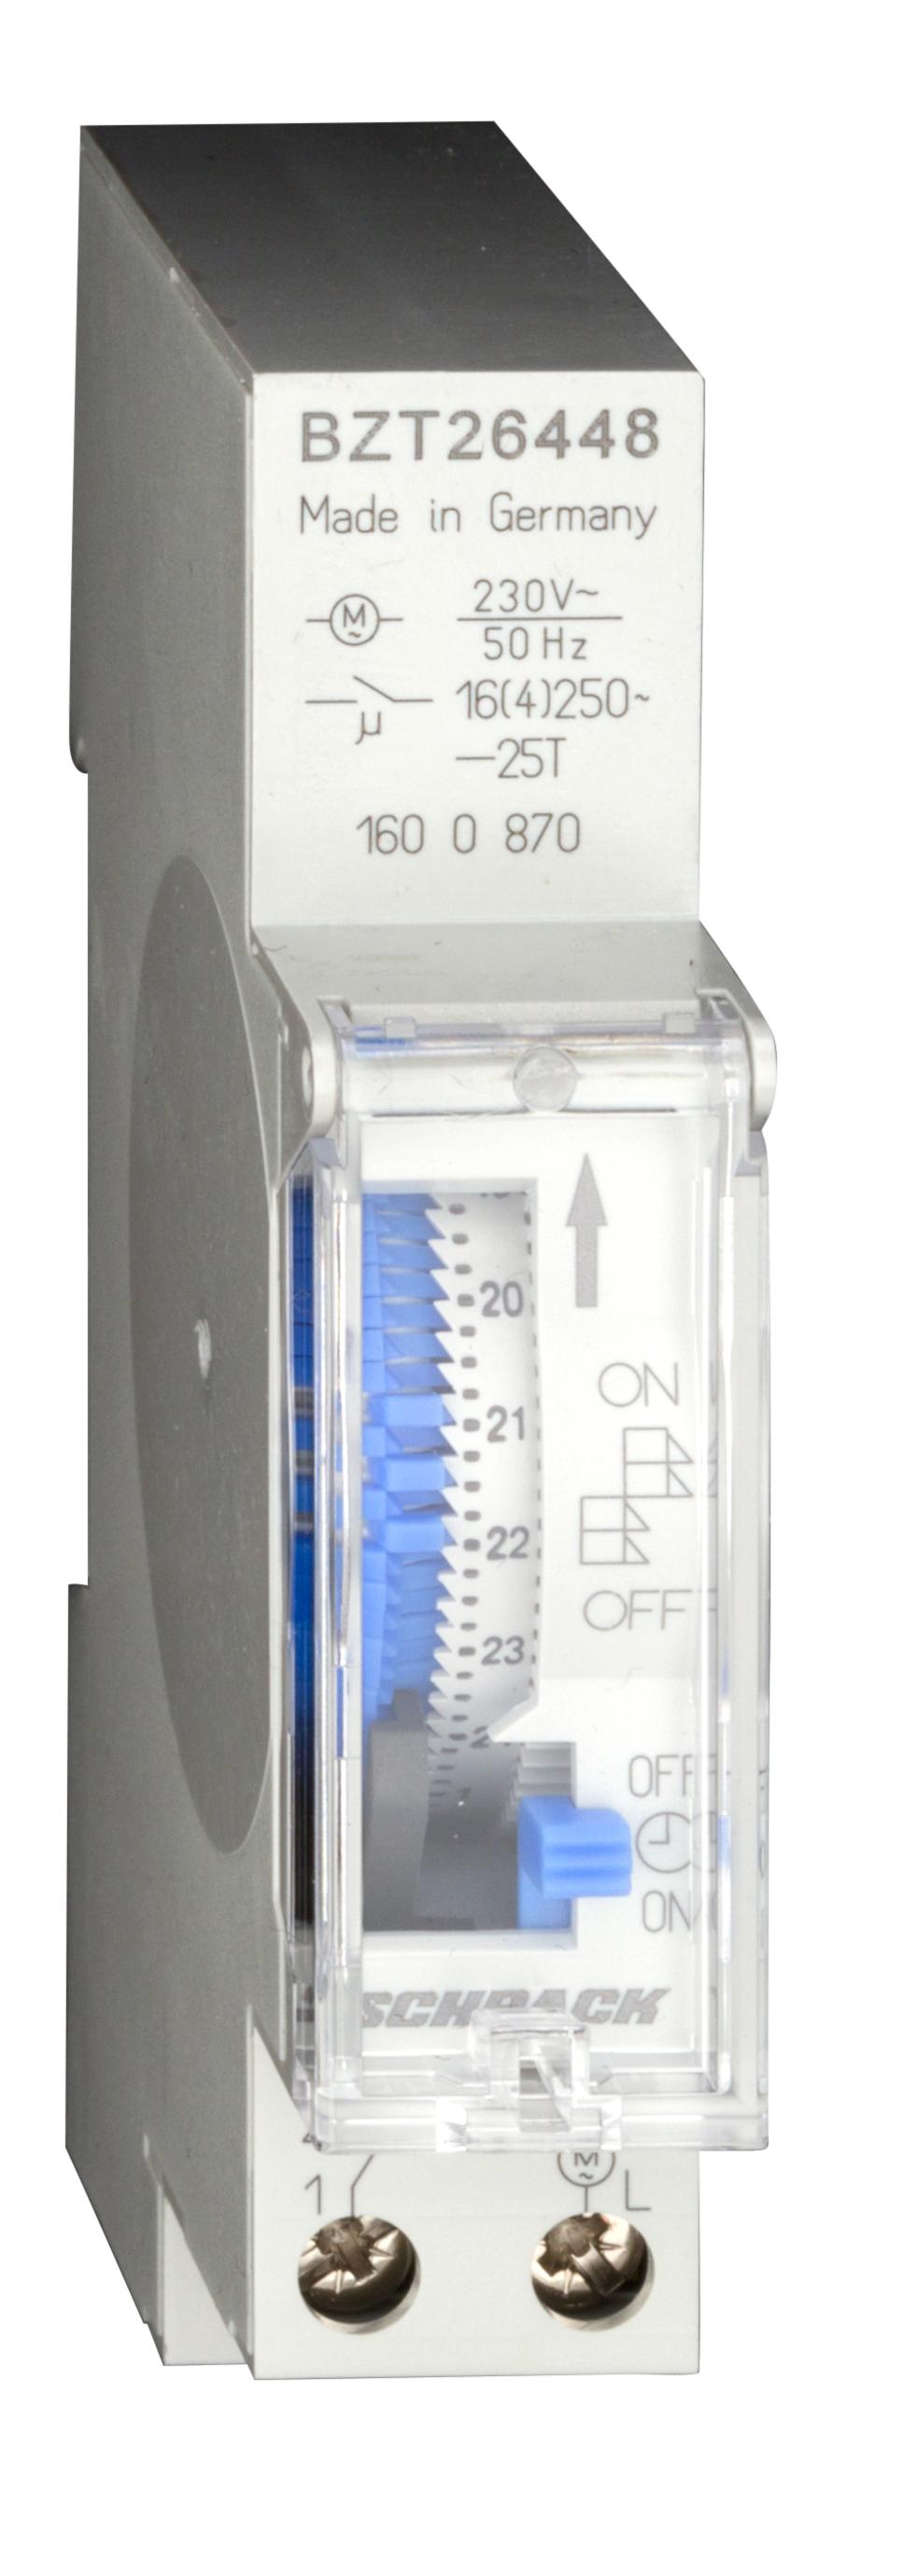 1 Stk Mechanische Tages-Schaltuhr Netzsynchron, 1TE, 1 Schließer BZT26448--